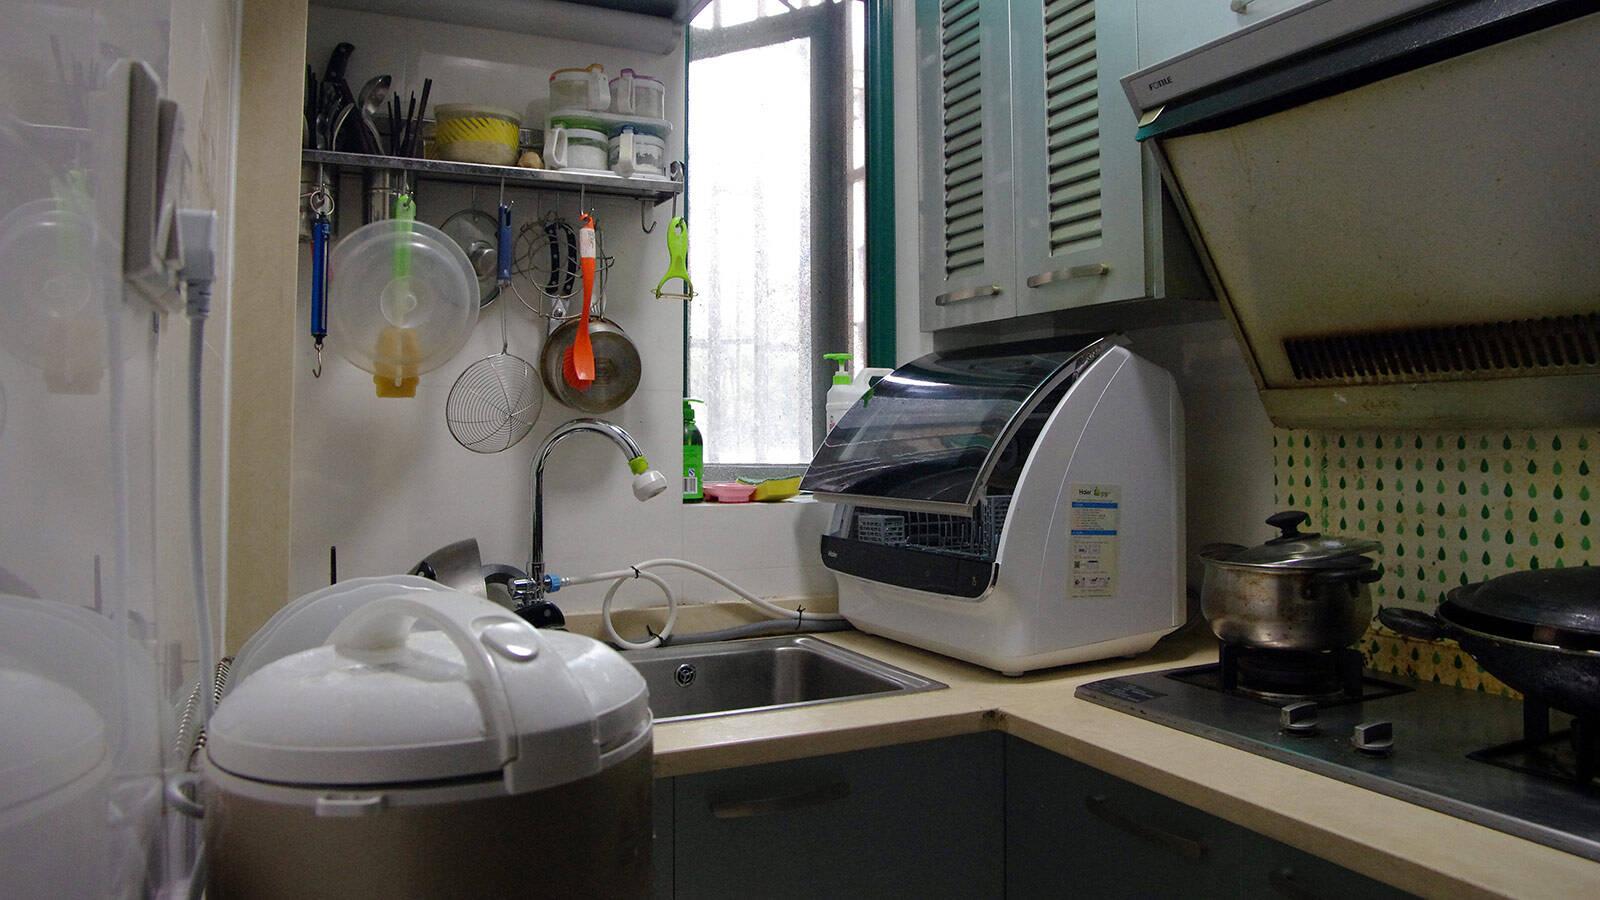 kitchen aid dishwashers grey modern cabinets 小体积有大容量 省水省心好帮手 海尔小贝洗碗机体验 京东 我家的厨房面积其实比较小 除了基本的洗切烧区域外 几乎没有什么额外的空间 即使这样 得益于定制化的部件和独特的贝启式设计 放下海尔小贝洗碗机仍然很轻松